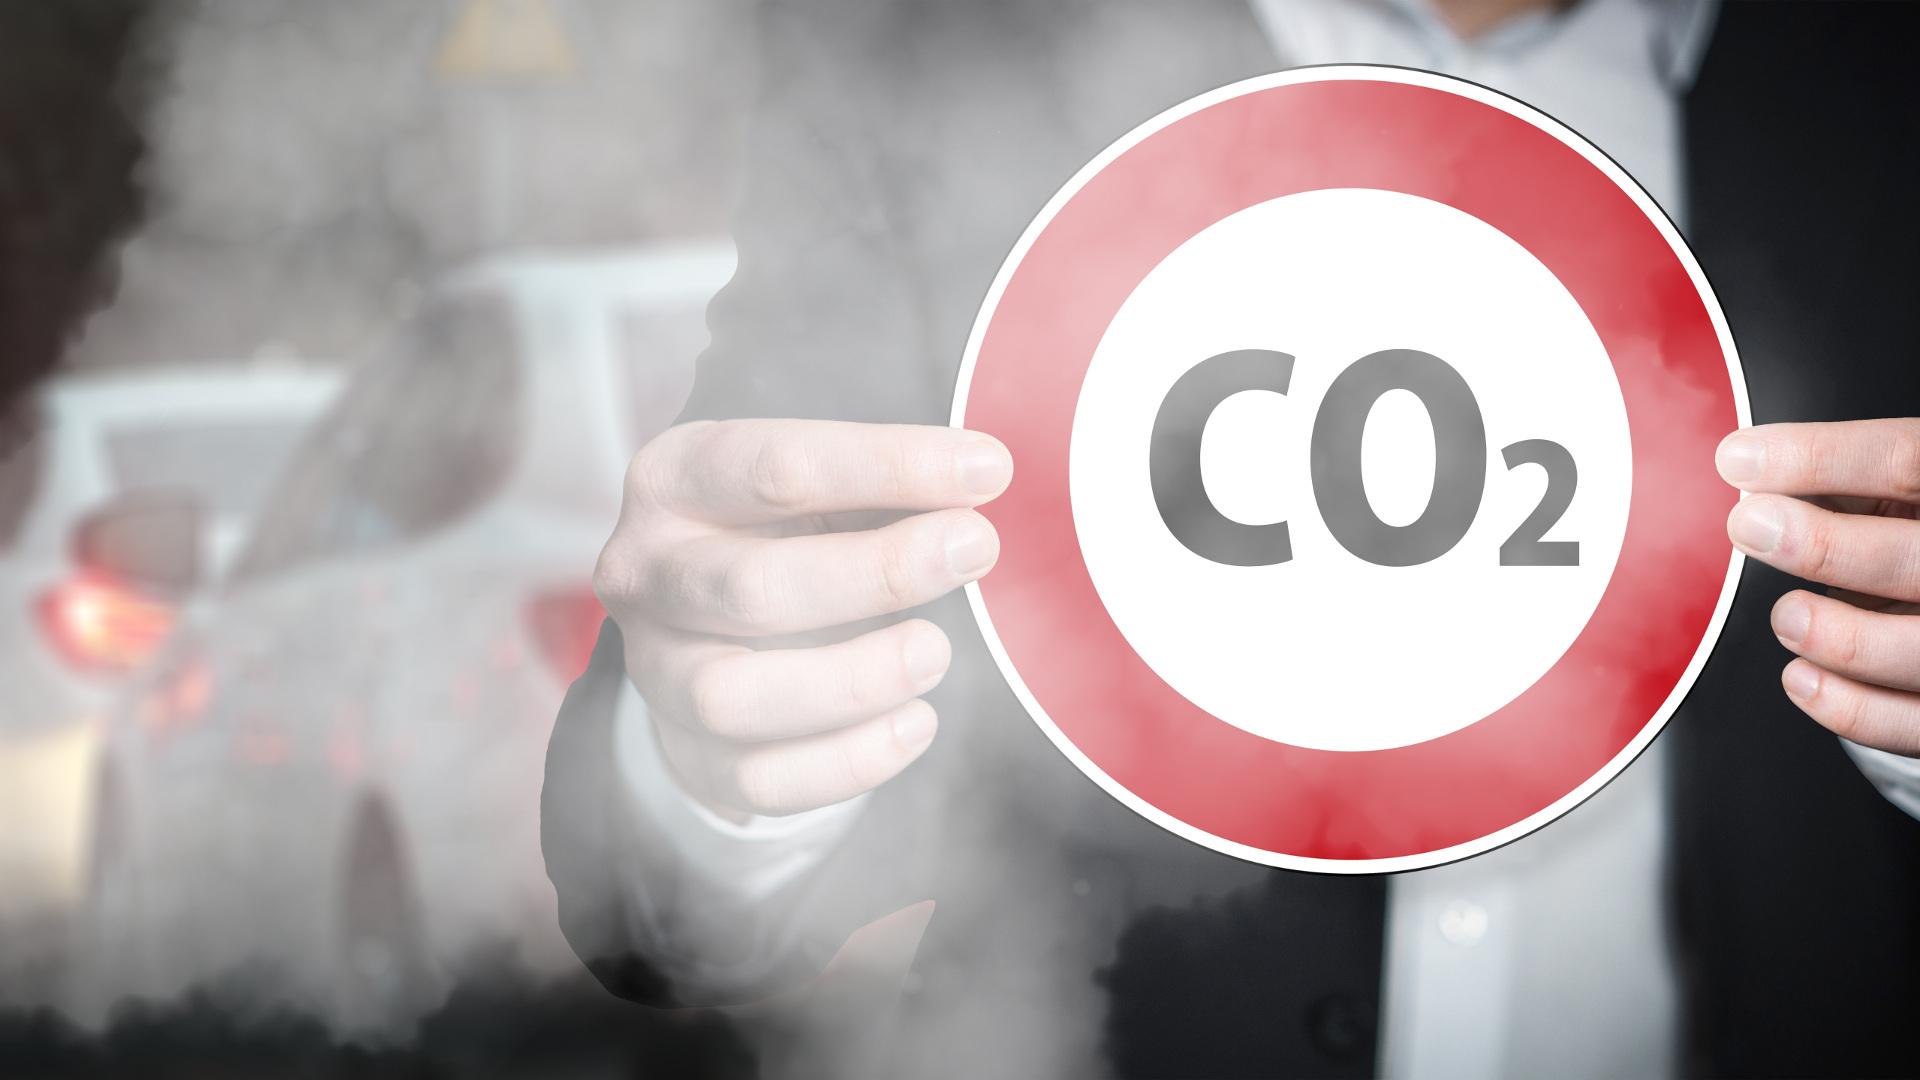 Päästövähennystavoitteet ovat tärkeitä kaikilla eri yhteiskunnan sektoreilla